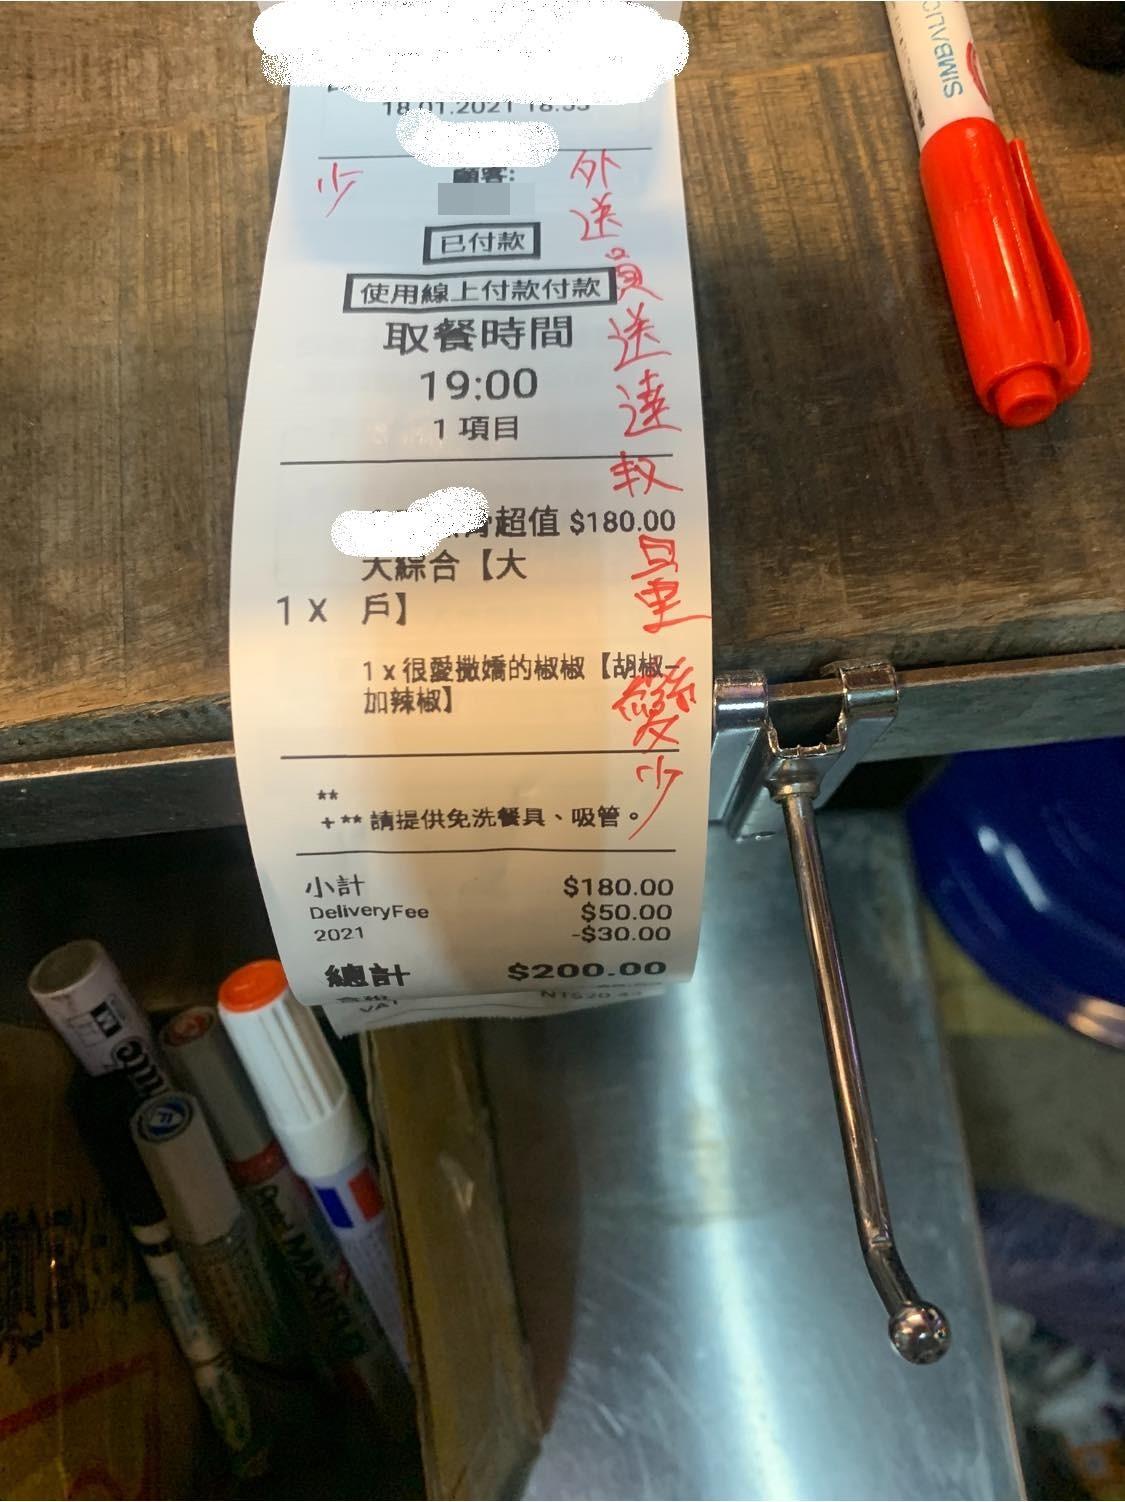 180元鹽酥雞「只給8塊」 店家收負評「PO份量照討拍」網卻一面倒